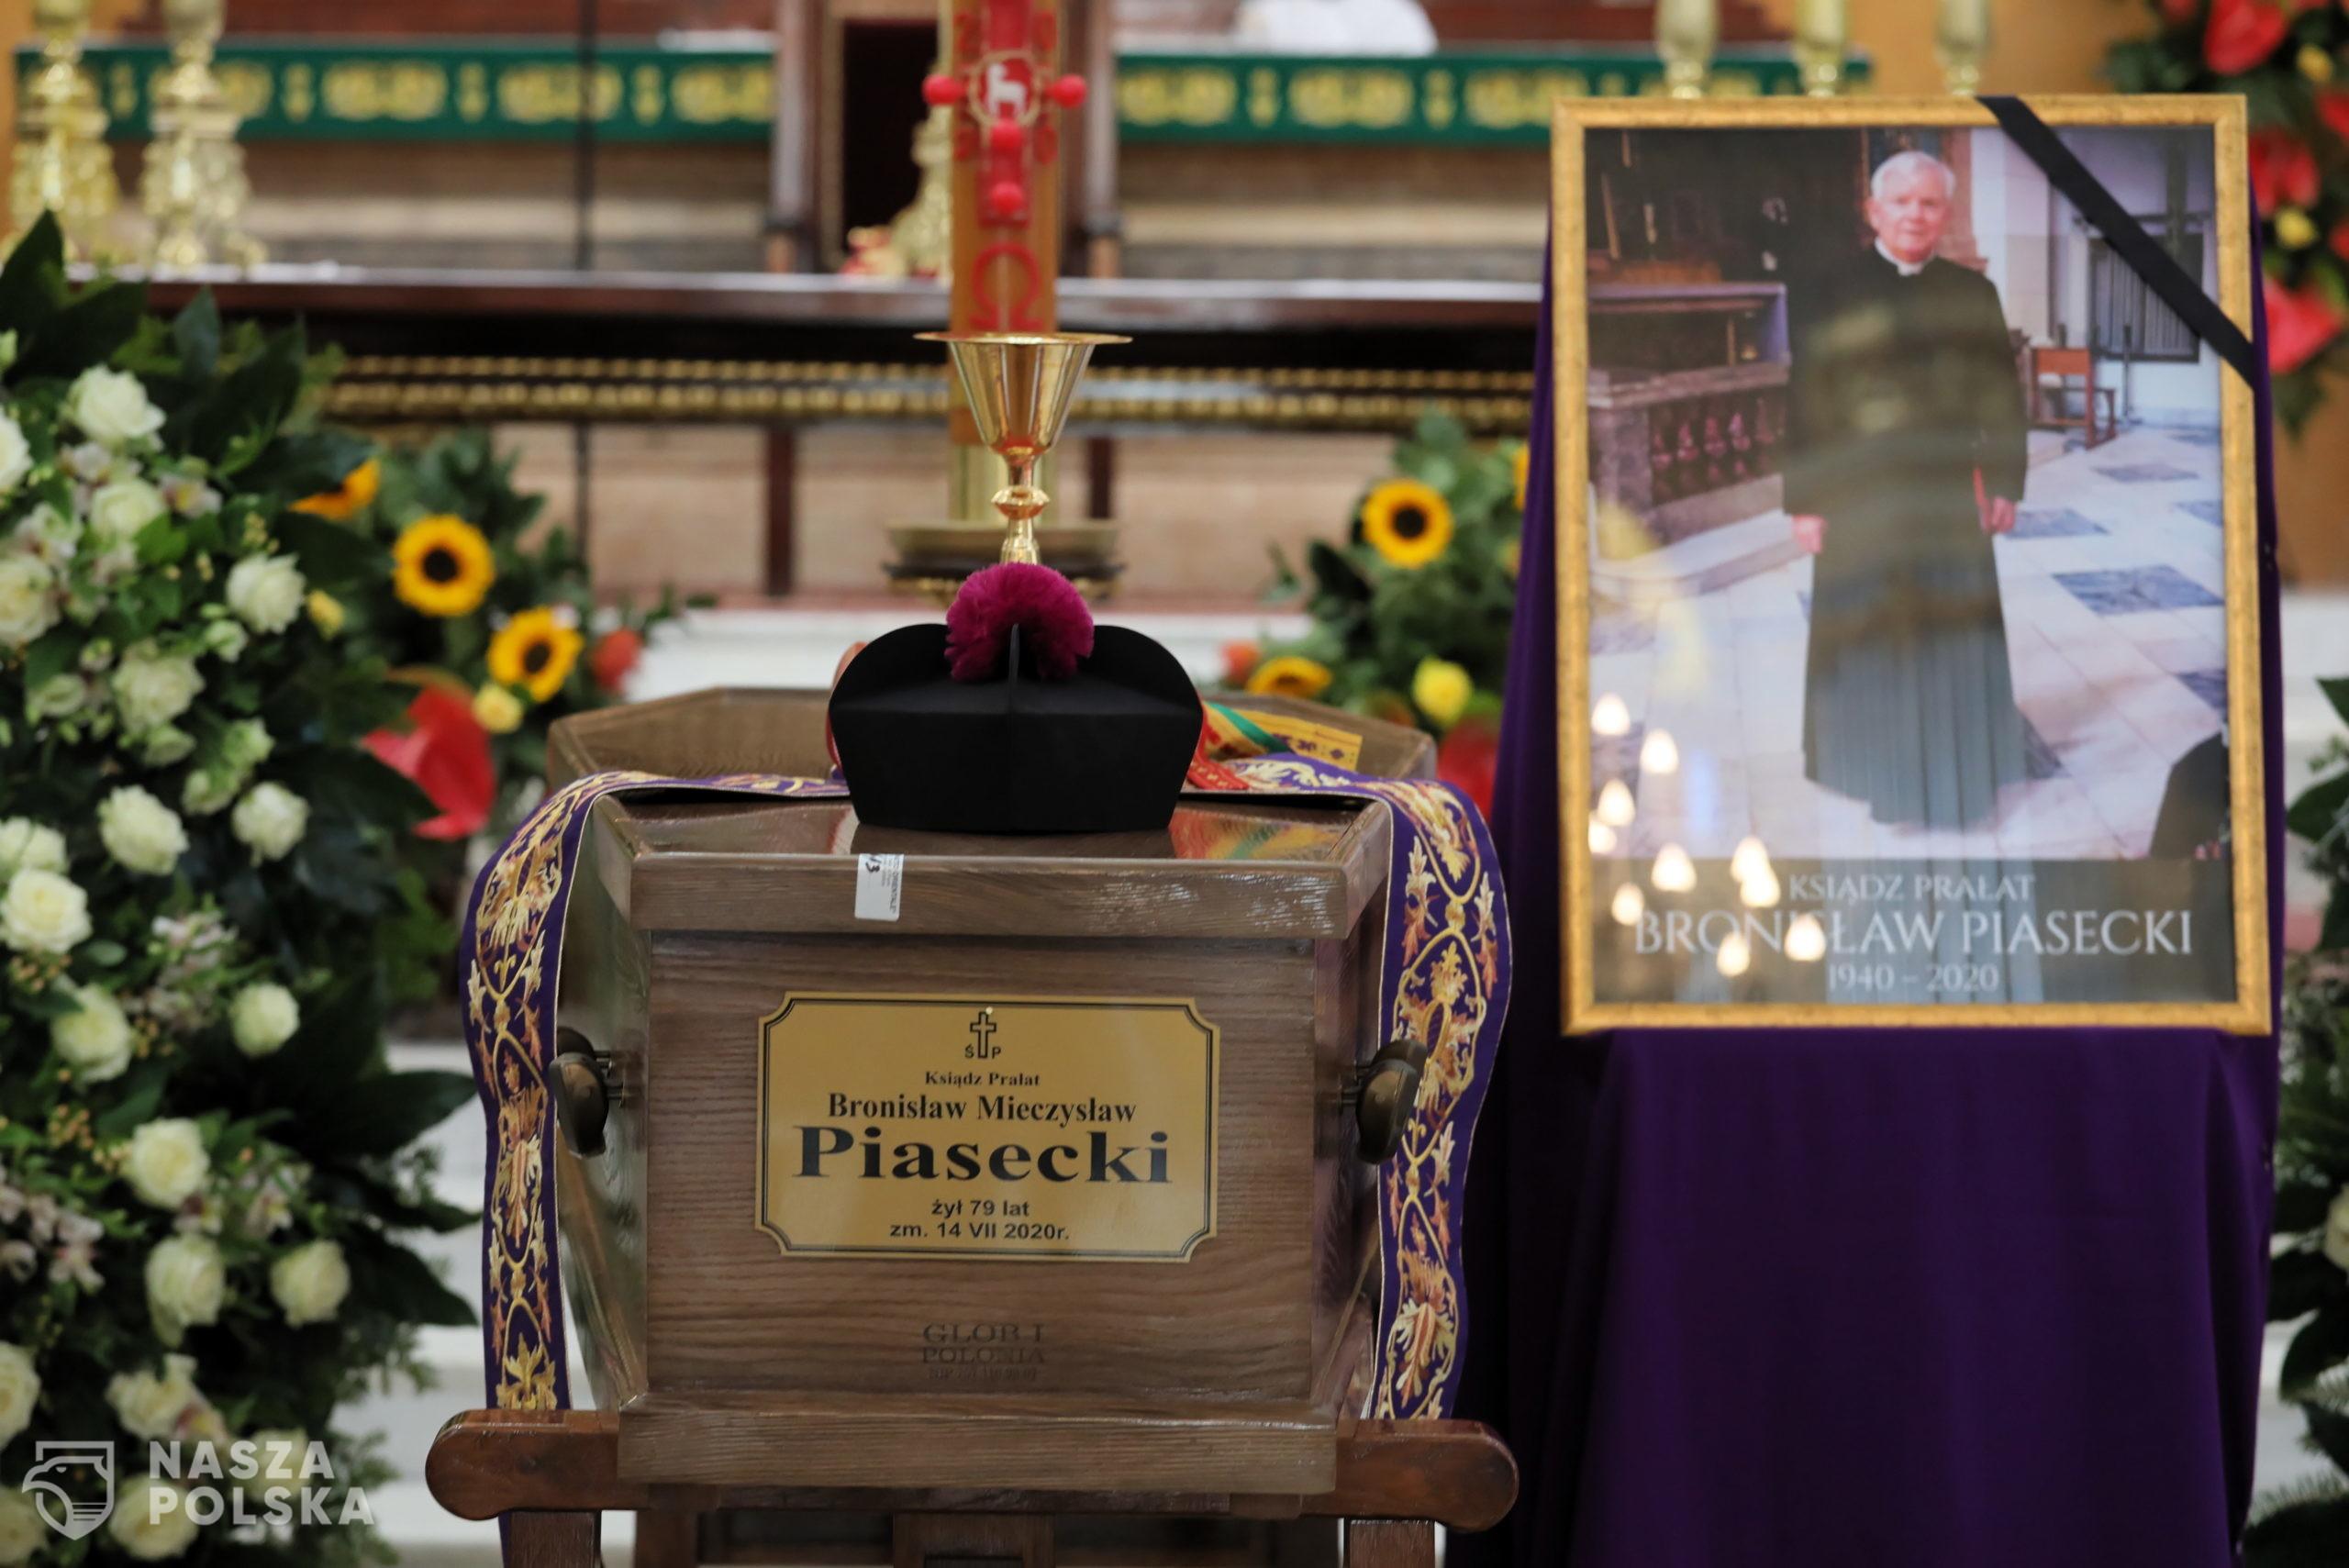 Warszawa, 24.07.2020. Uroczystoœci pogrzebowe ks. pra³ata Bronis³awa Piaseckiego - msza œwiêta pogrzebowa w koœciele Najœwiêtszego Zbawiciela w Warszawie, 24 bm. Ks. Bronis³aw Piasecki zmar³ 14 lipca 2020 r. w wieku 79 lat. Duchowny zostanie pochowany na Cmentarzu Pow¹zkowskim. (sko) PAP/Pawe³ Supernak